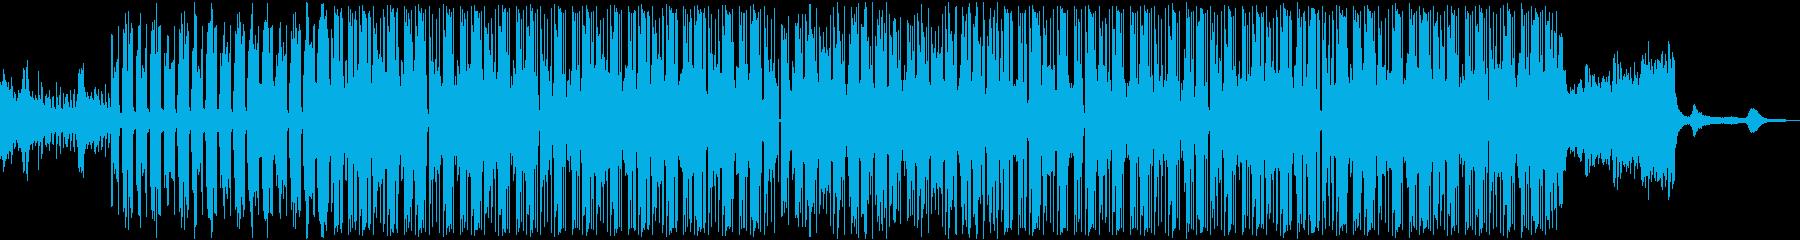 おしゃれオーシャンBGM(波音入り)の再生済みの波形